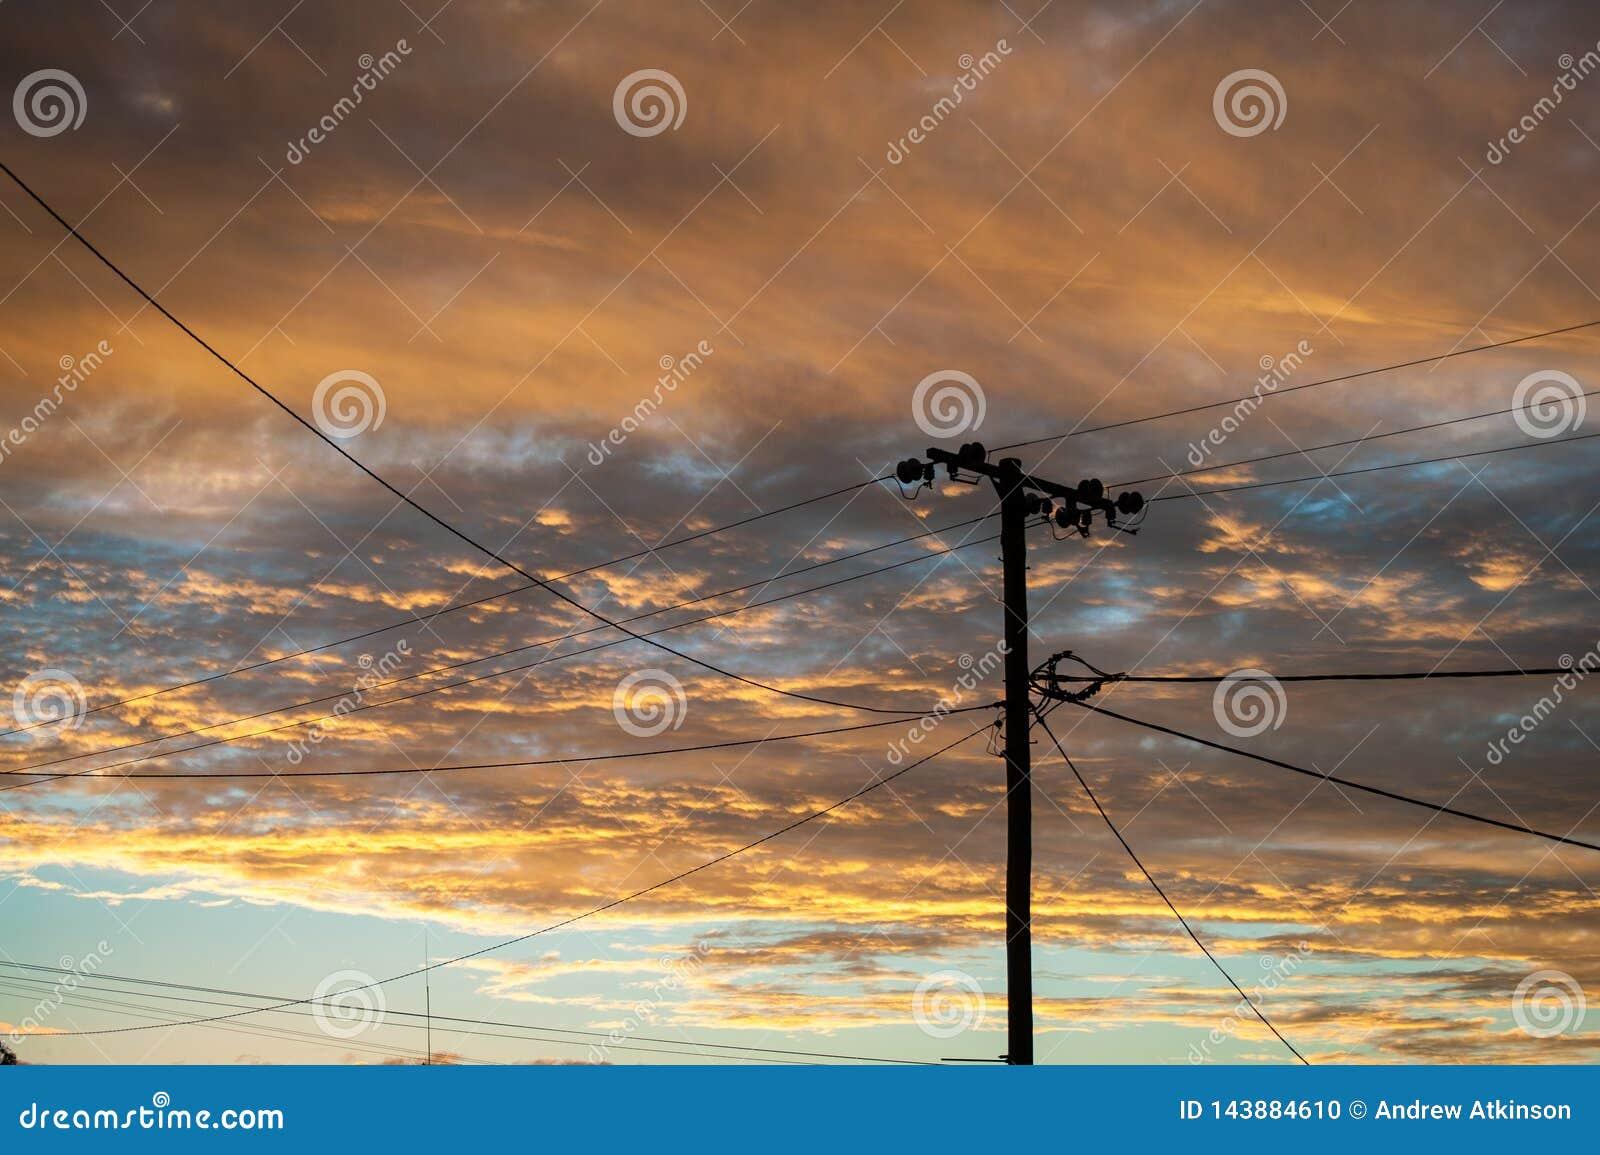 Silhouet van een machtslijnen in Bliksemrand door een zonsondergang terug wordt aangestoken die